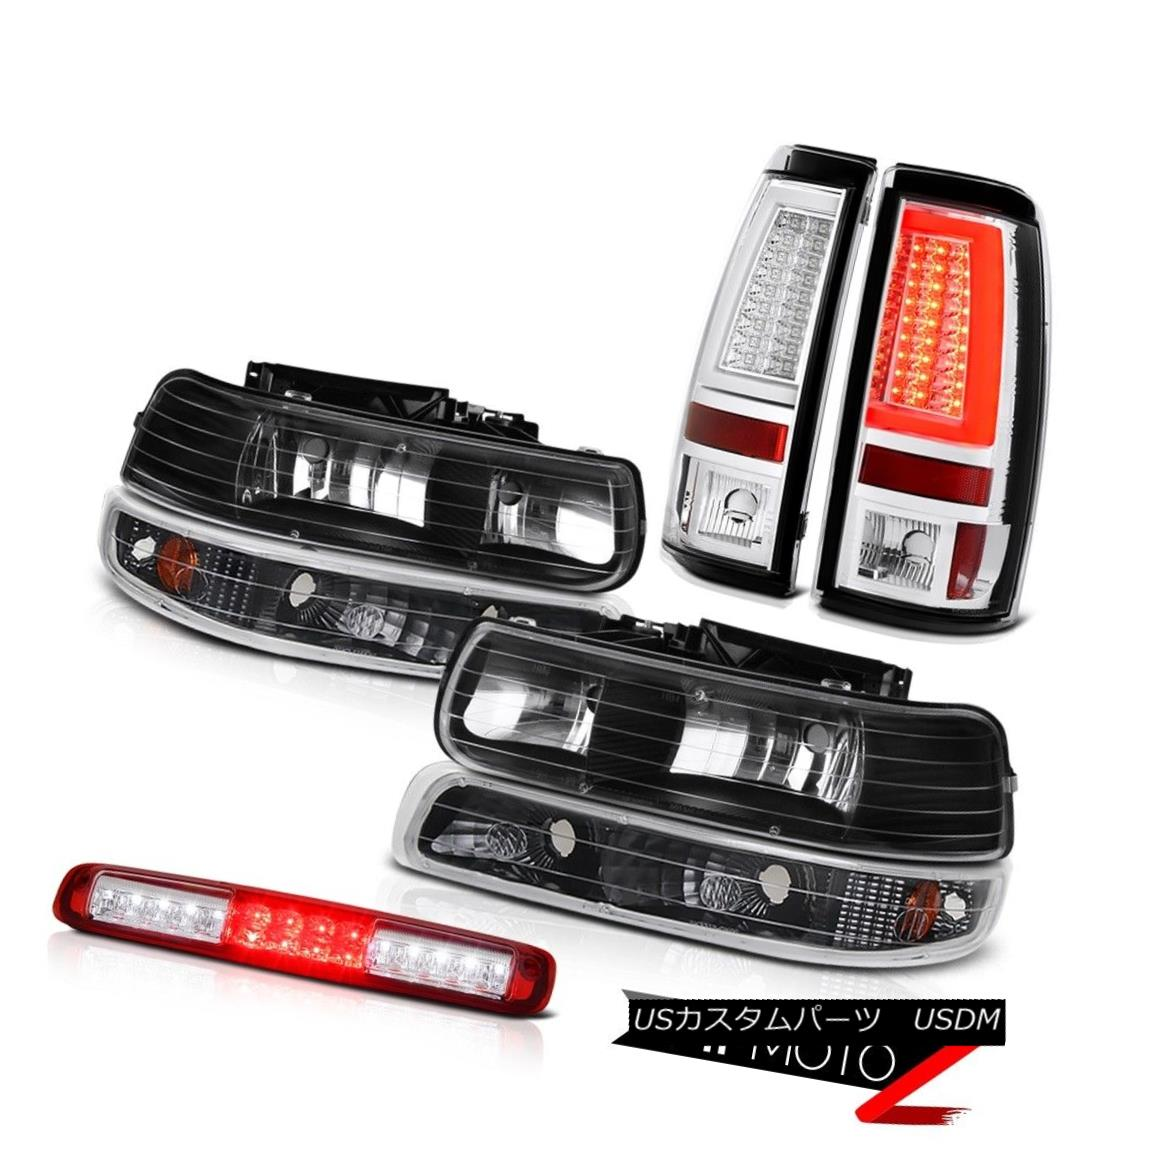 テールライト 1999-2002 Silverado LS Tail Lights High Stop Lamp Foglights Parking Light LED 1999-2002 Silverado LSテールライトハイストップランプフォグライトパーキングライトLED